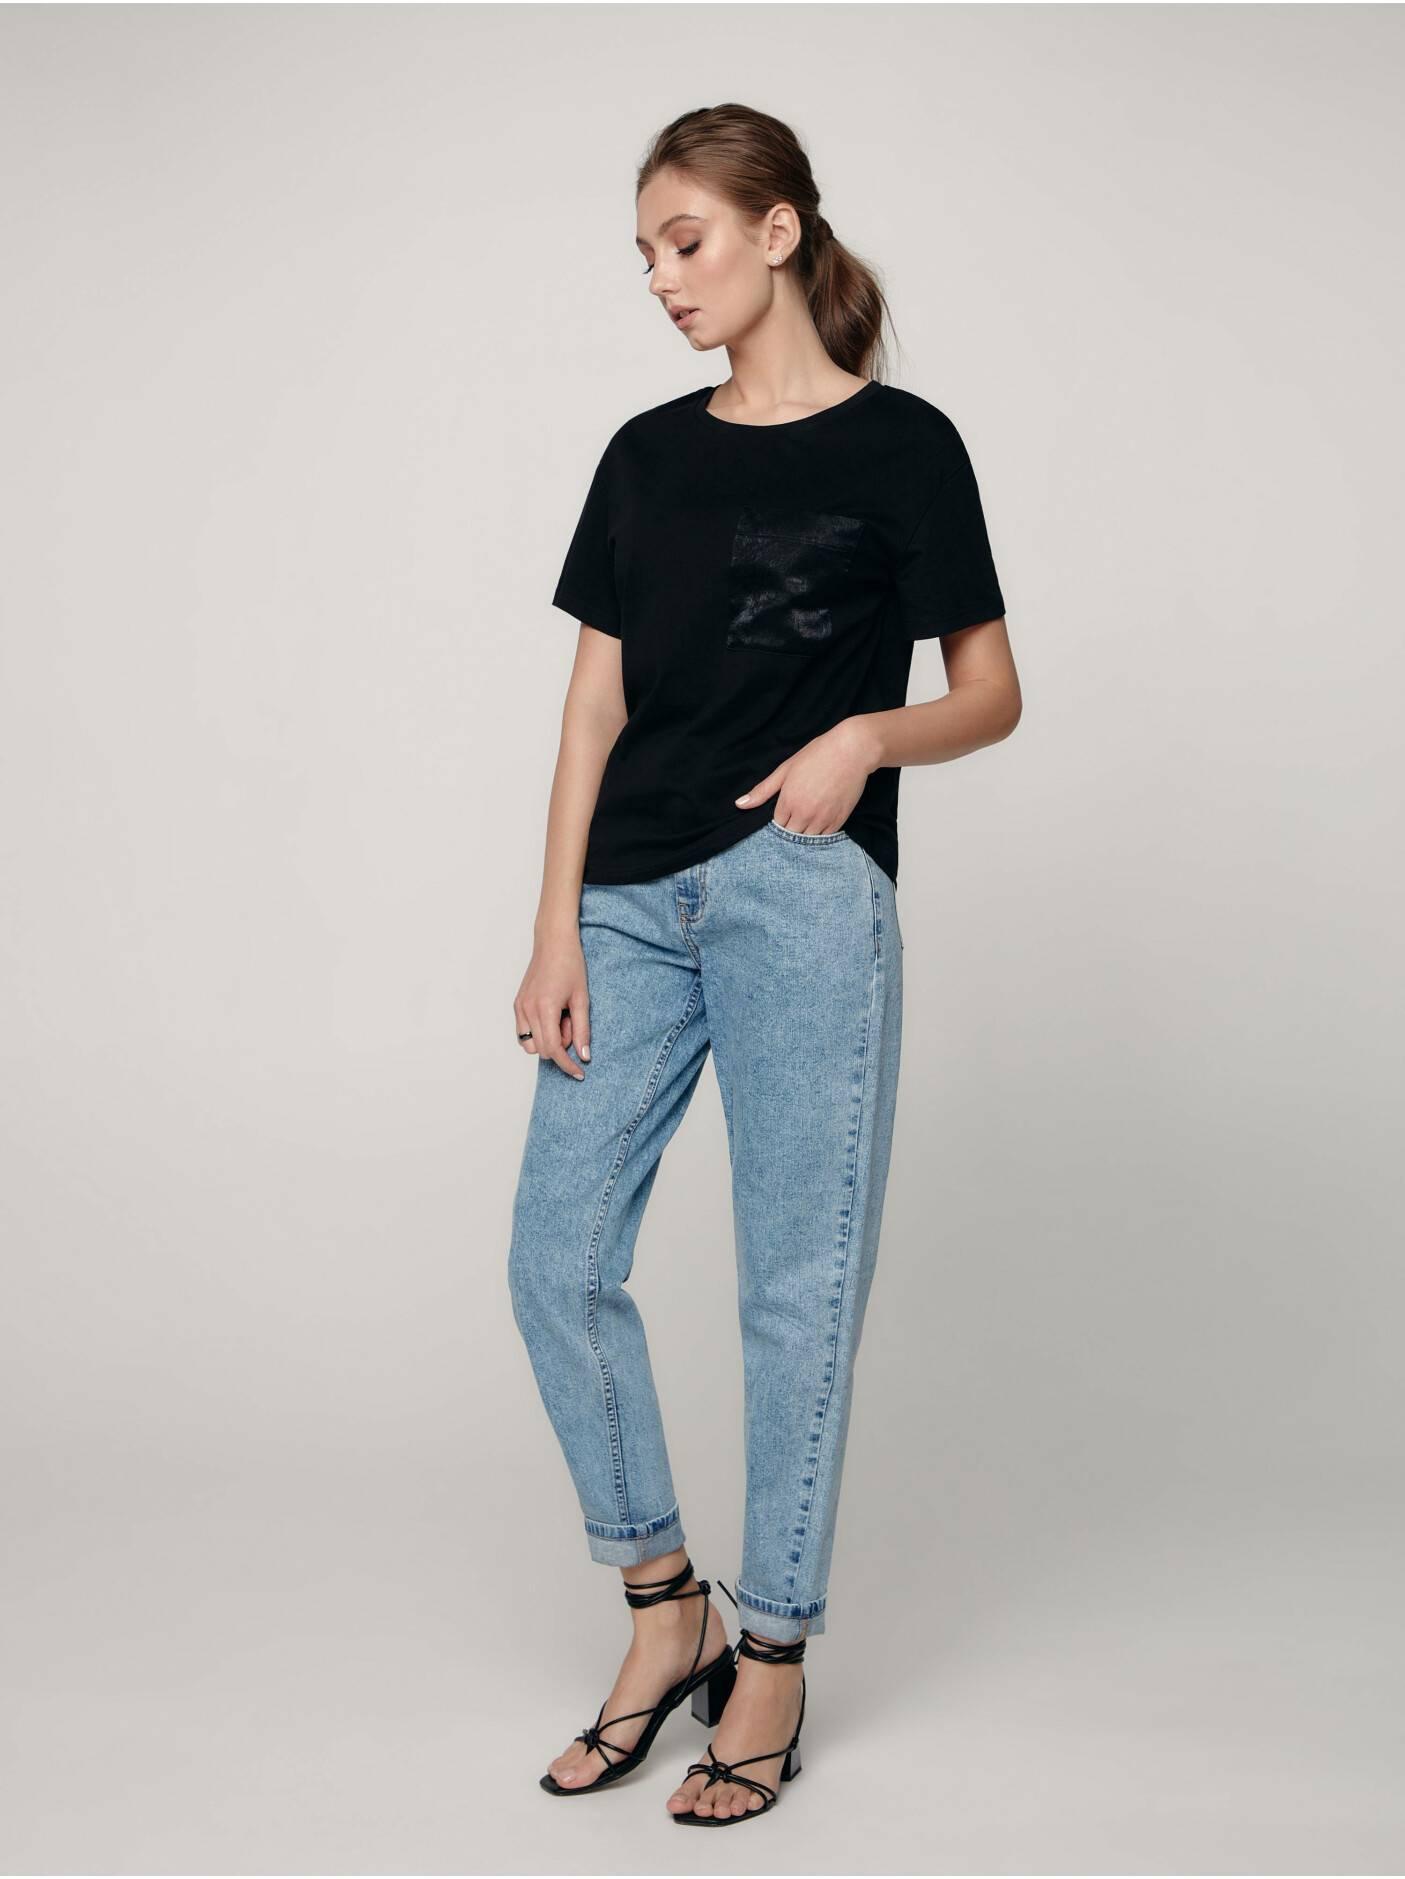 Базовые футболки женские